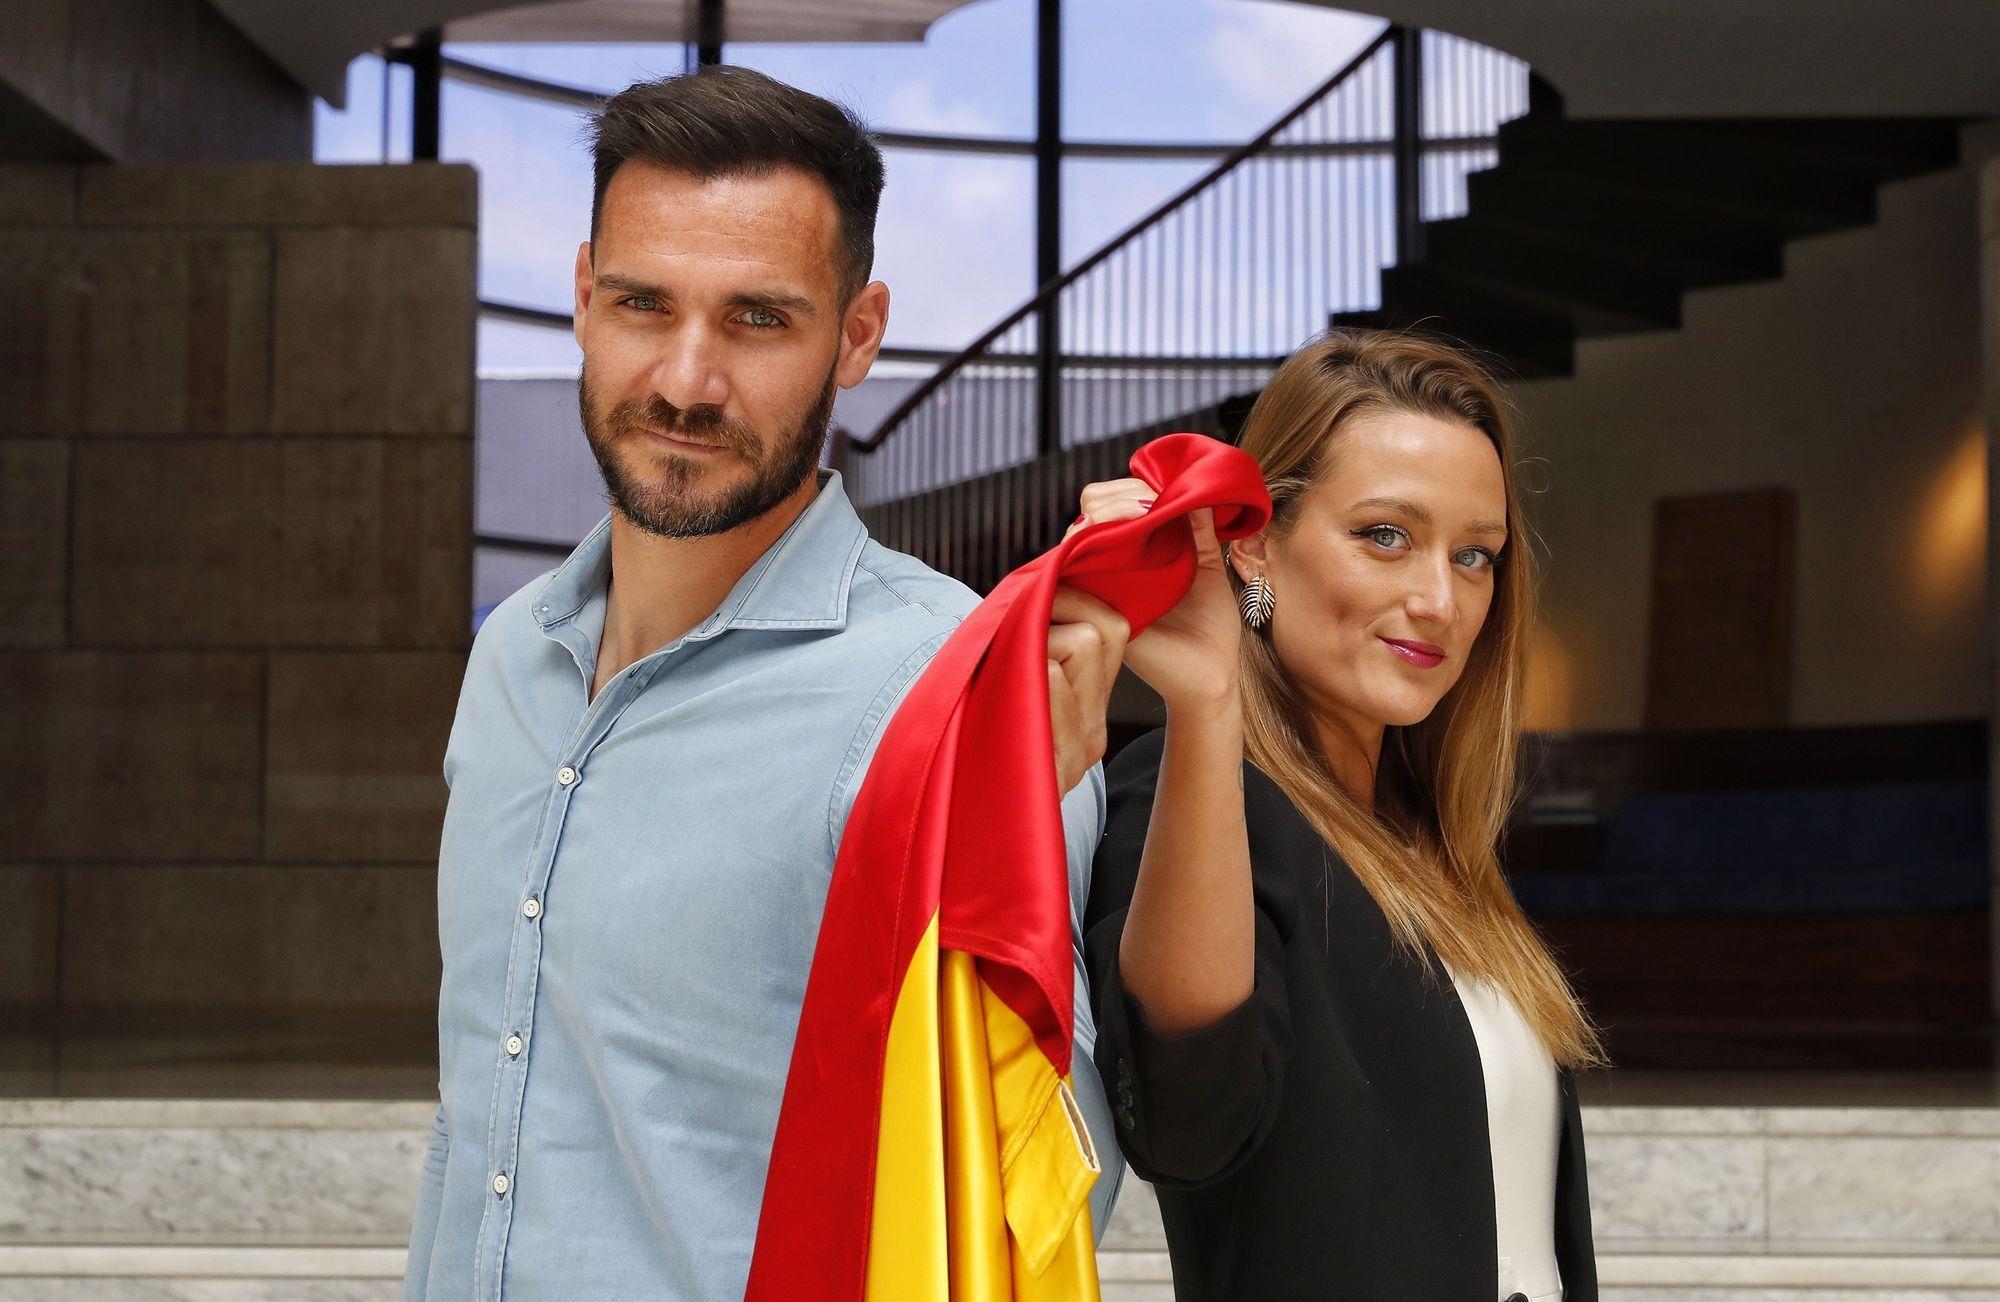 Mireia Belmonte y Saul Craviotto, los abanderados españoles en los JJOO de Tokio